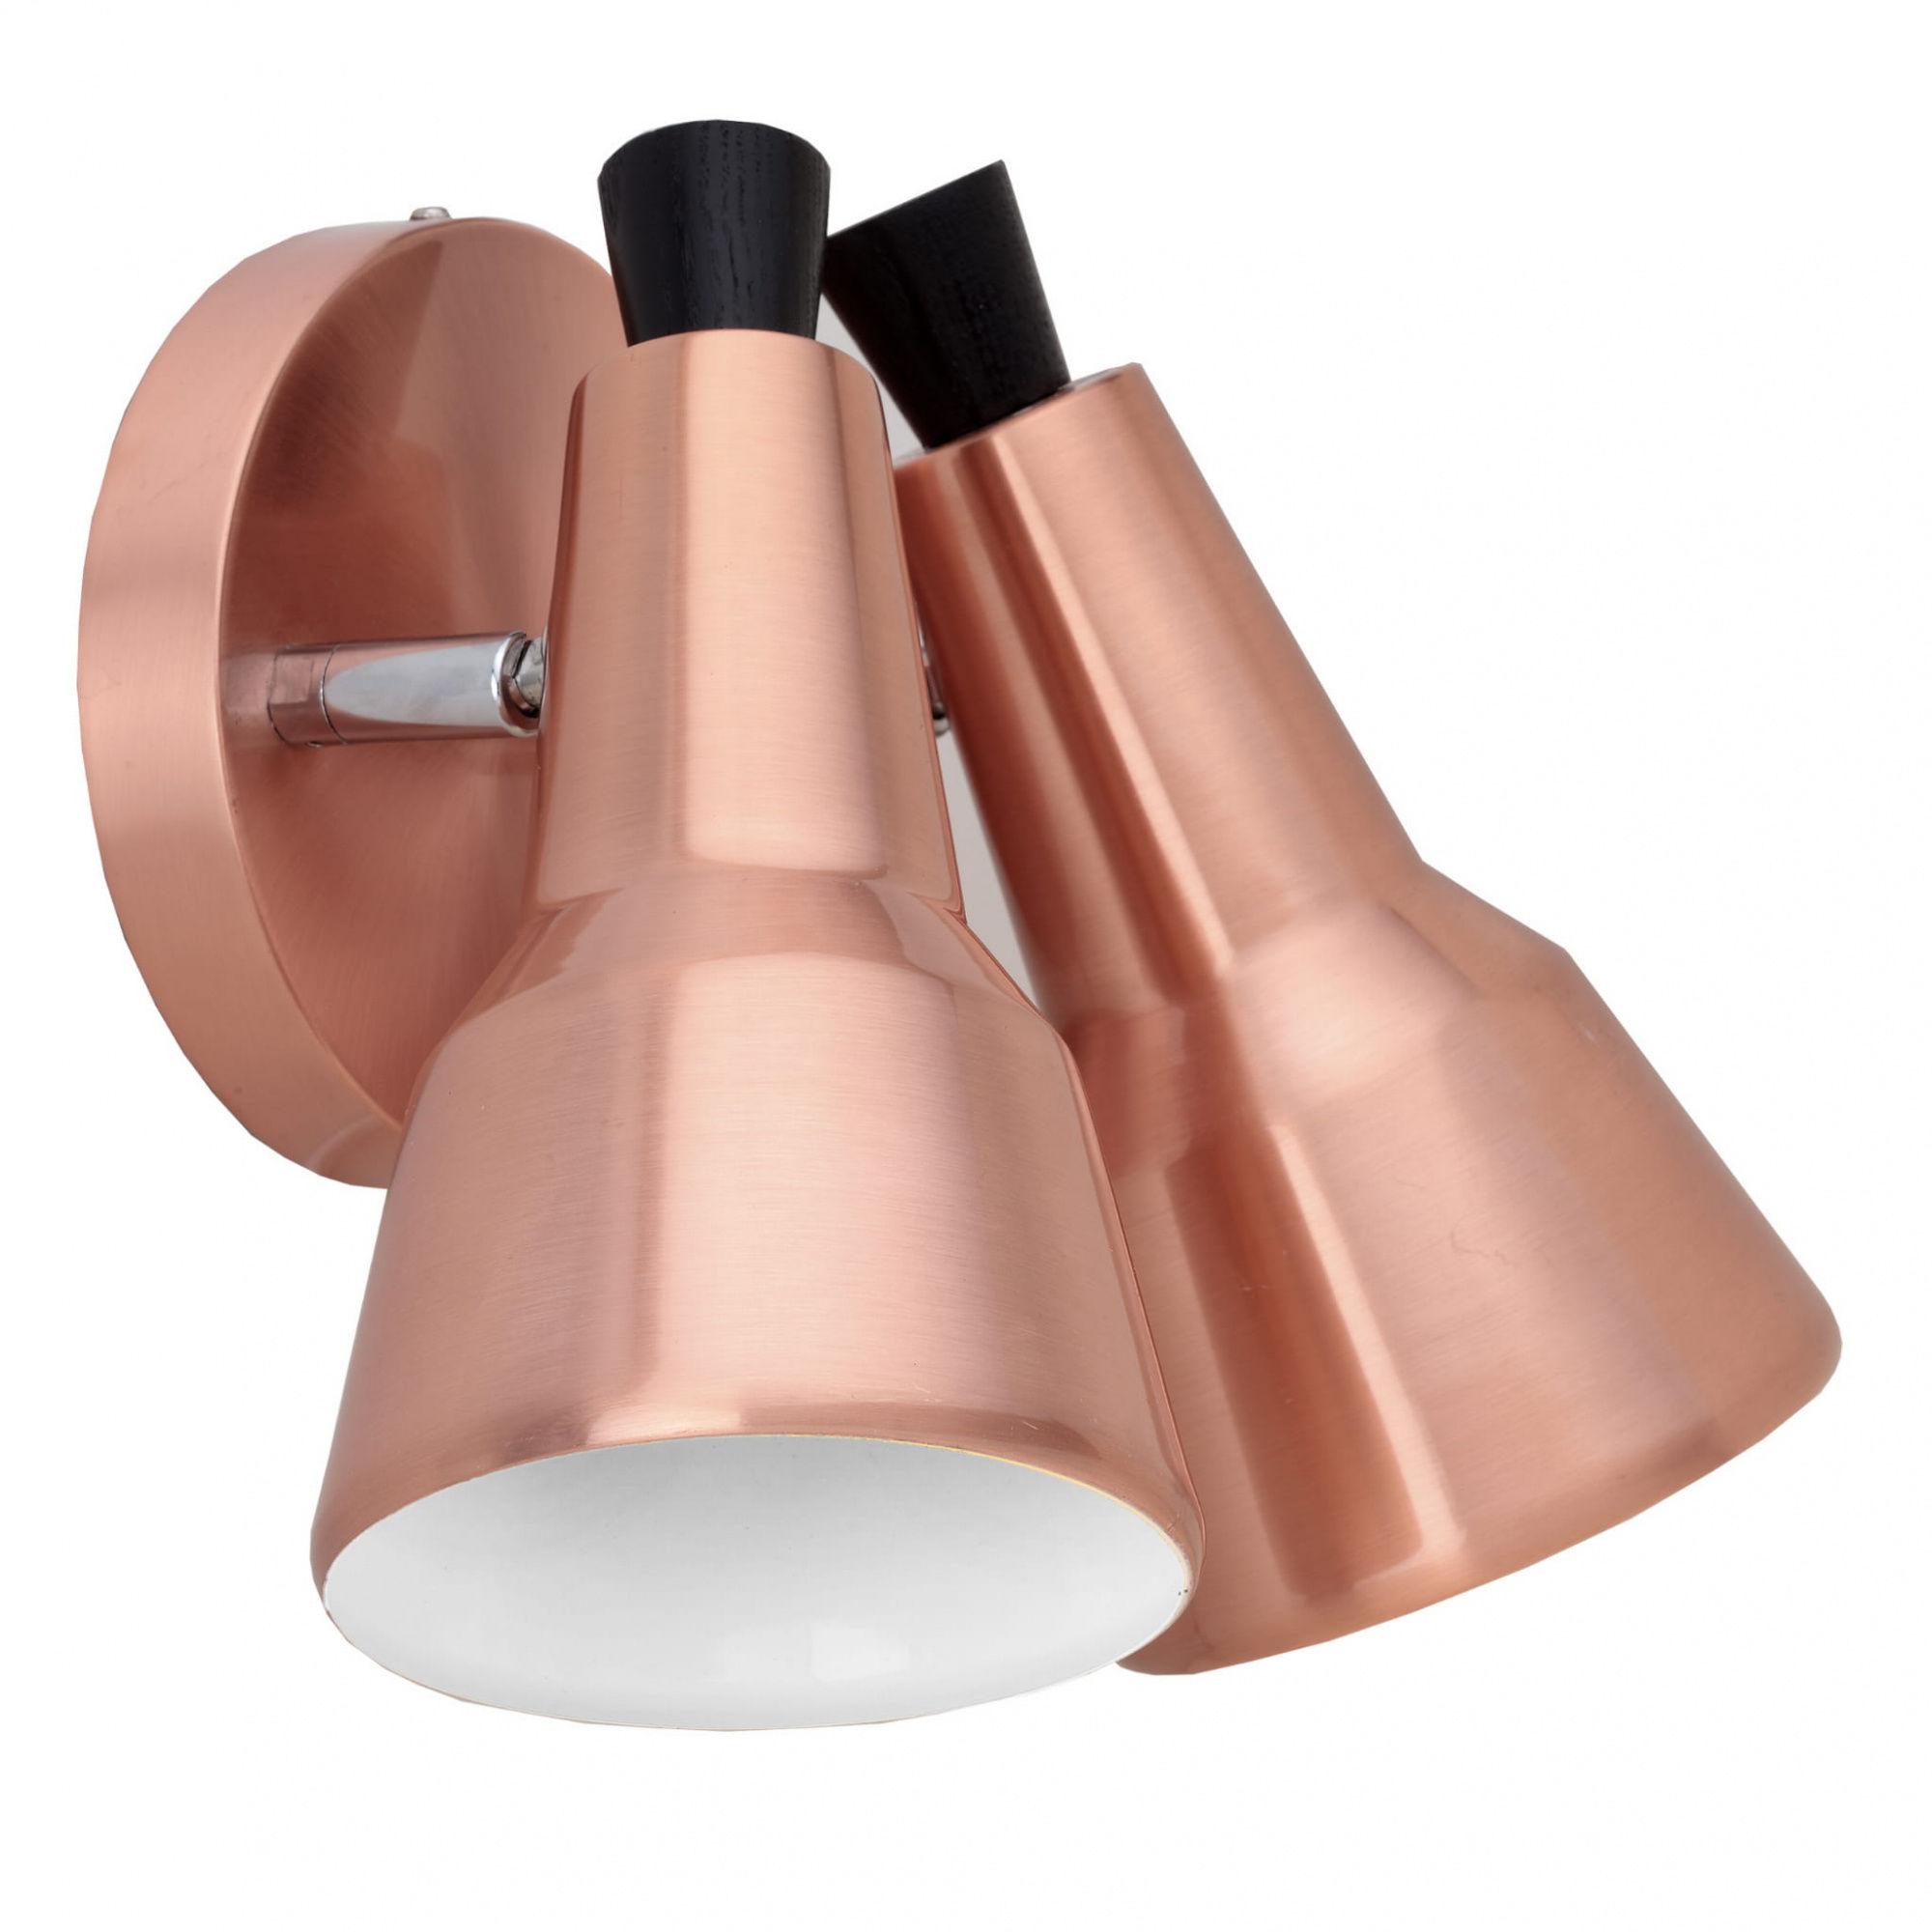 Kinkiet Auletta 2 LP-507/2W Light Prestige nowoczesna lampa ścienna w kolorze miedzianym